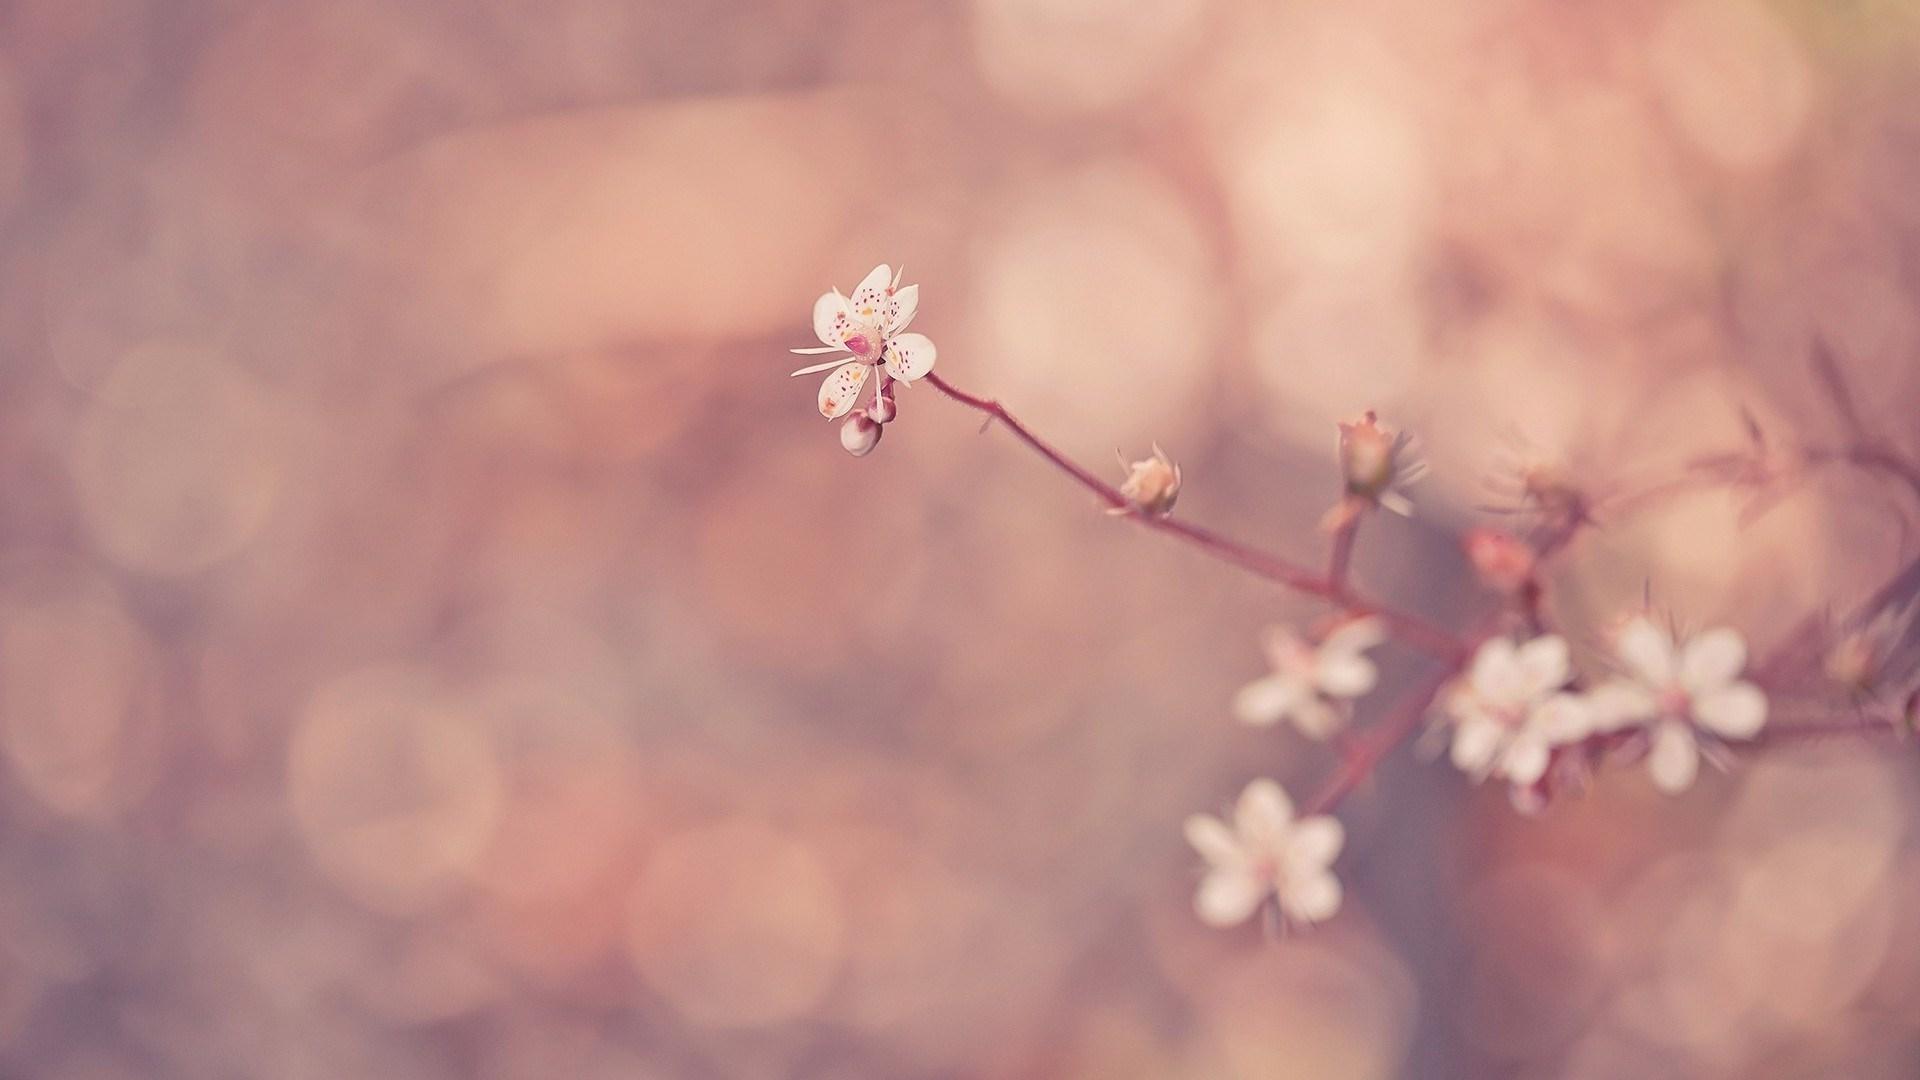 Flower Wallpaper Tumblr | PixelsTalk Net